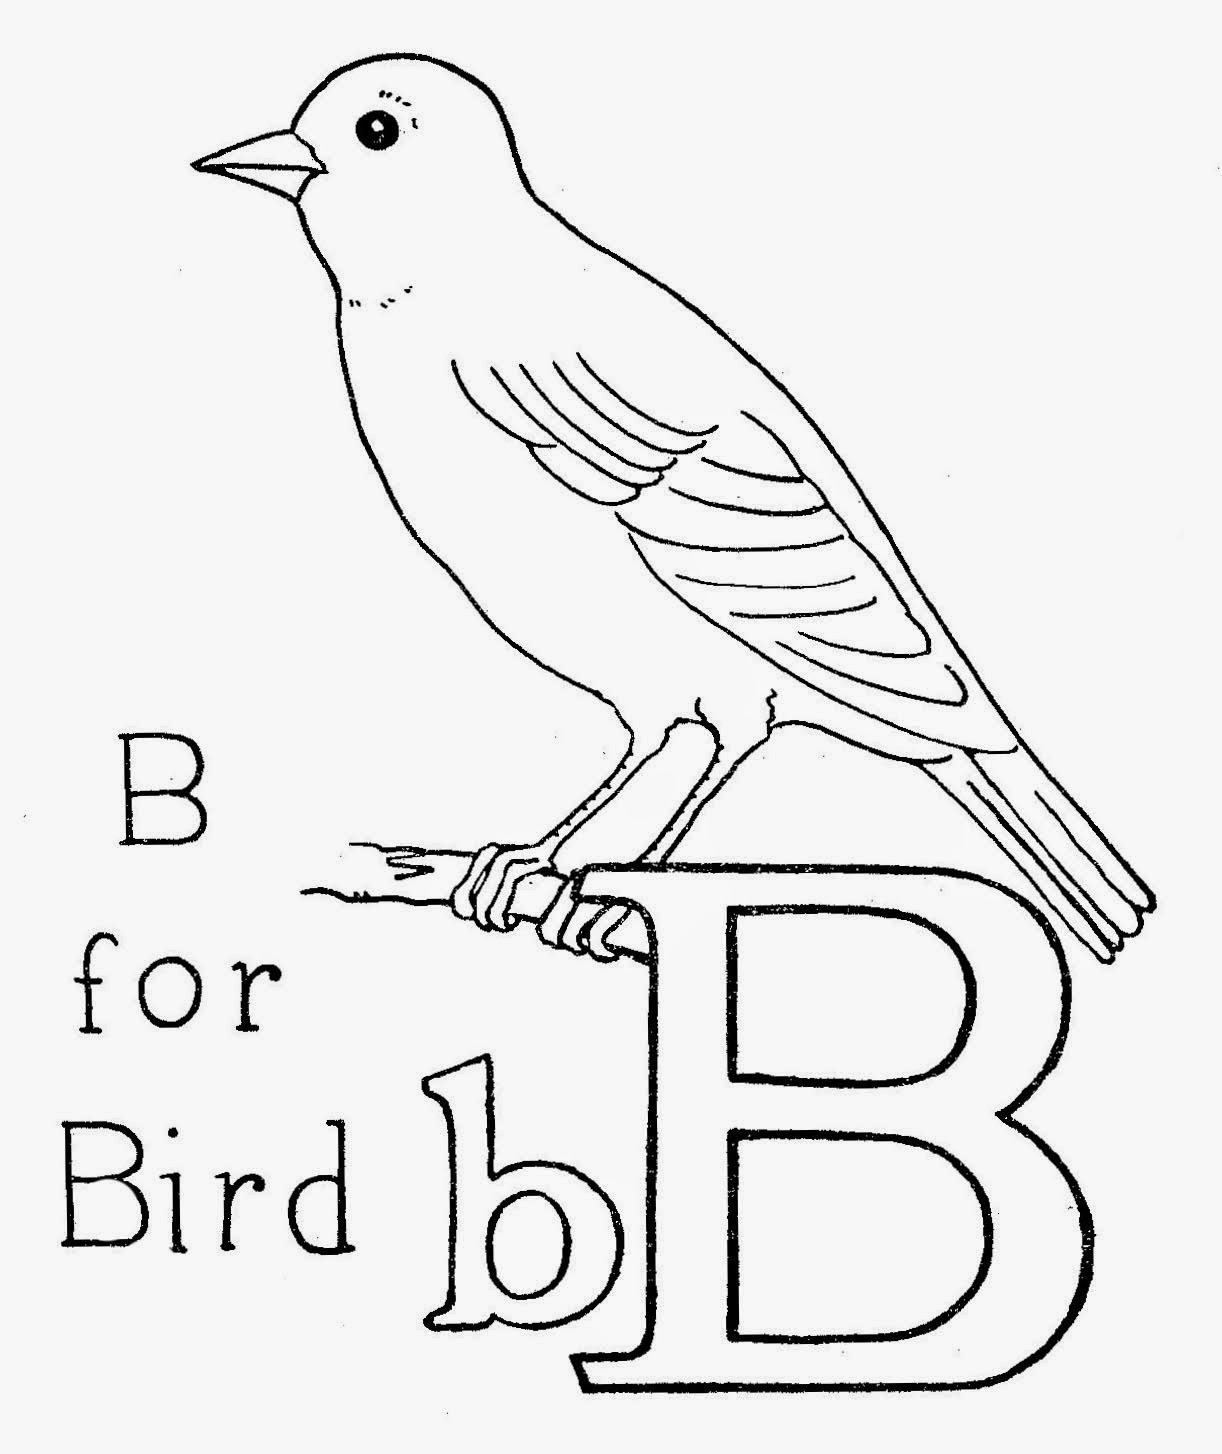 http://3.bp.blogspot.com/-XqvxNz7UtHc/U_-Aa1po7gI/AAAAAAAAKmY/FMR3Og9yrS4/s1600/bforbird2.jpg